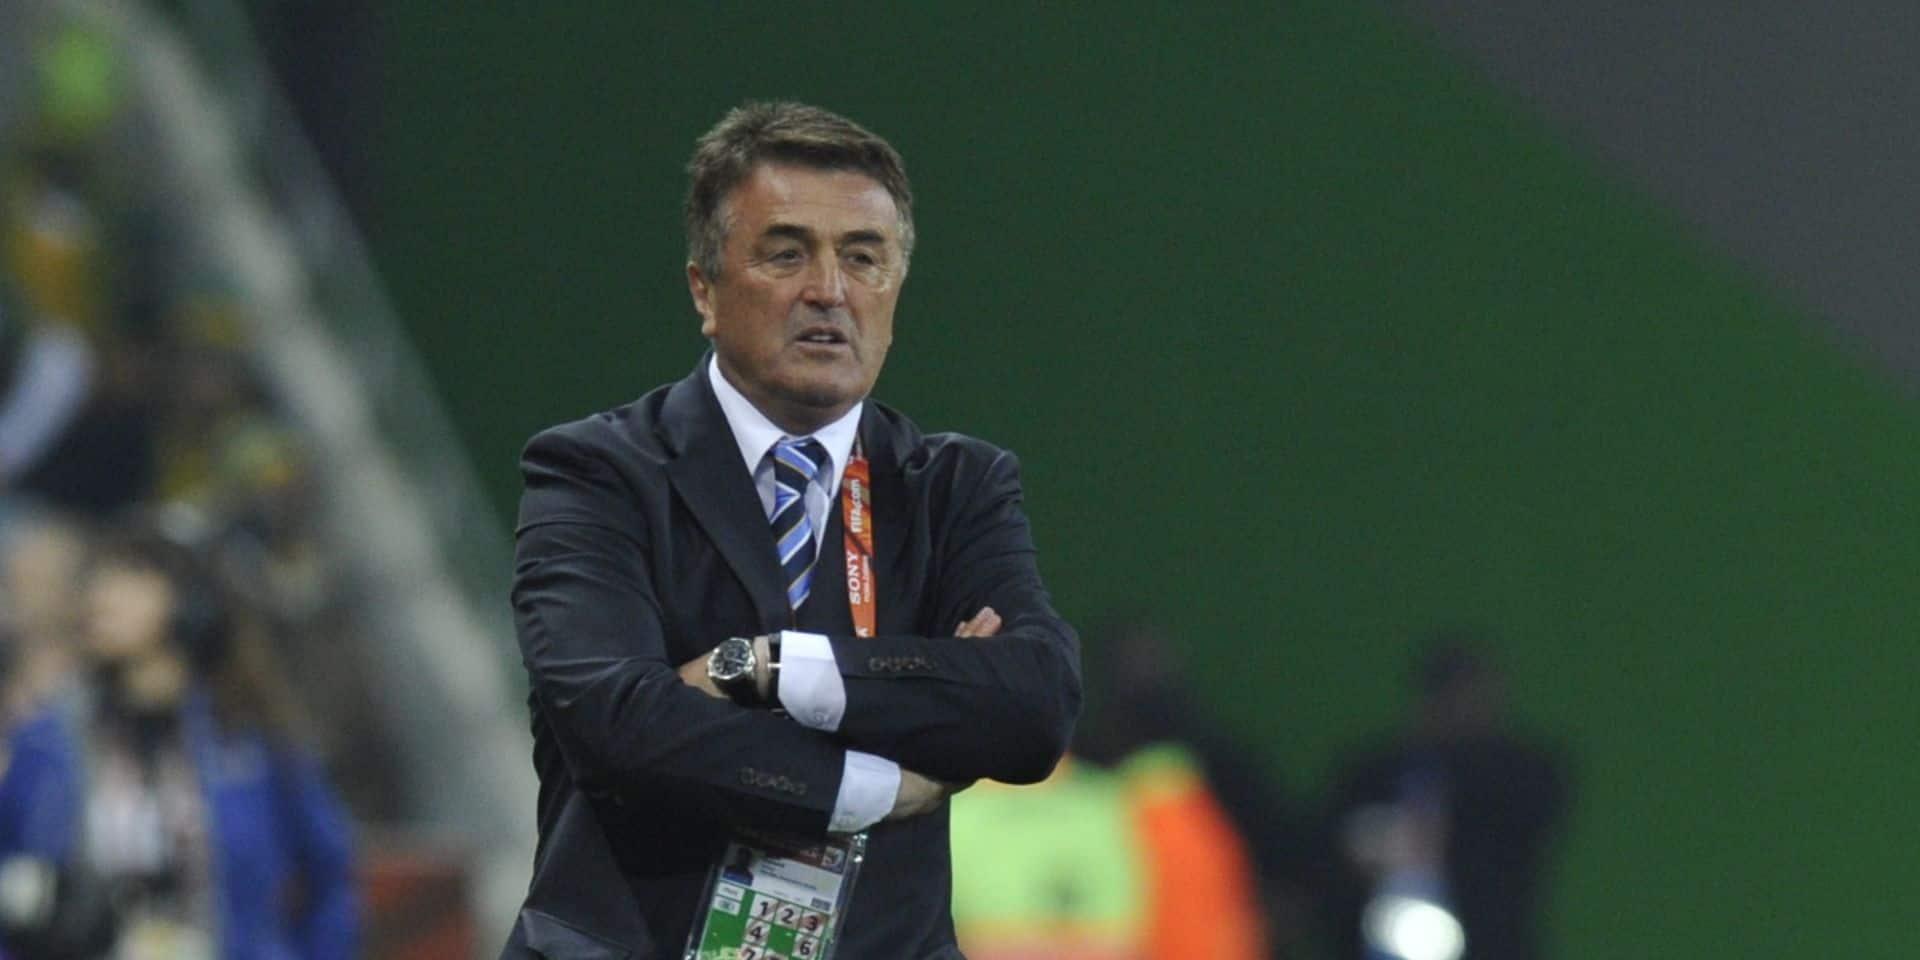 Radomir Antic, ancien coach de l'Atlético Madrid et sélectionneur serbe, est décédé